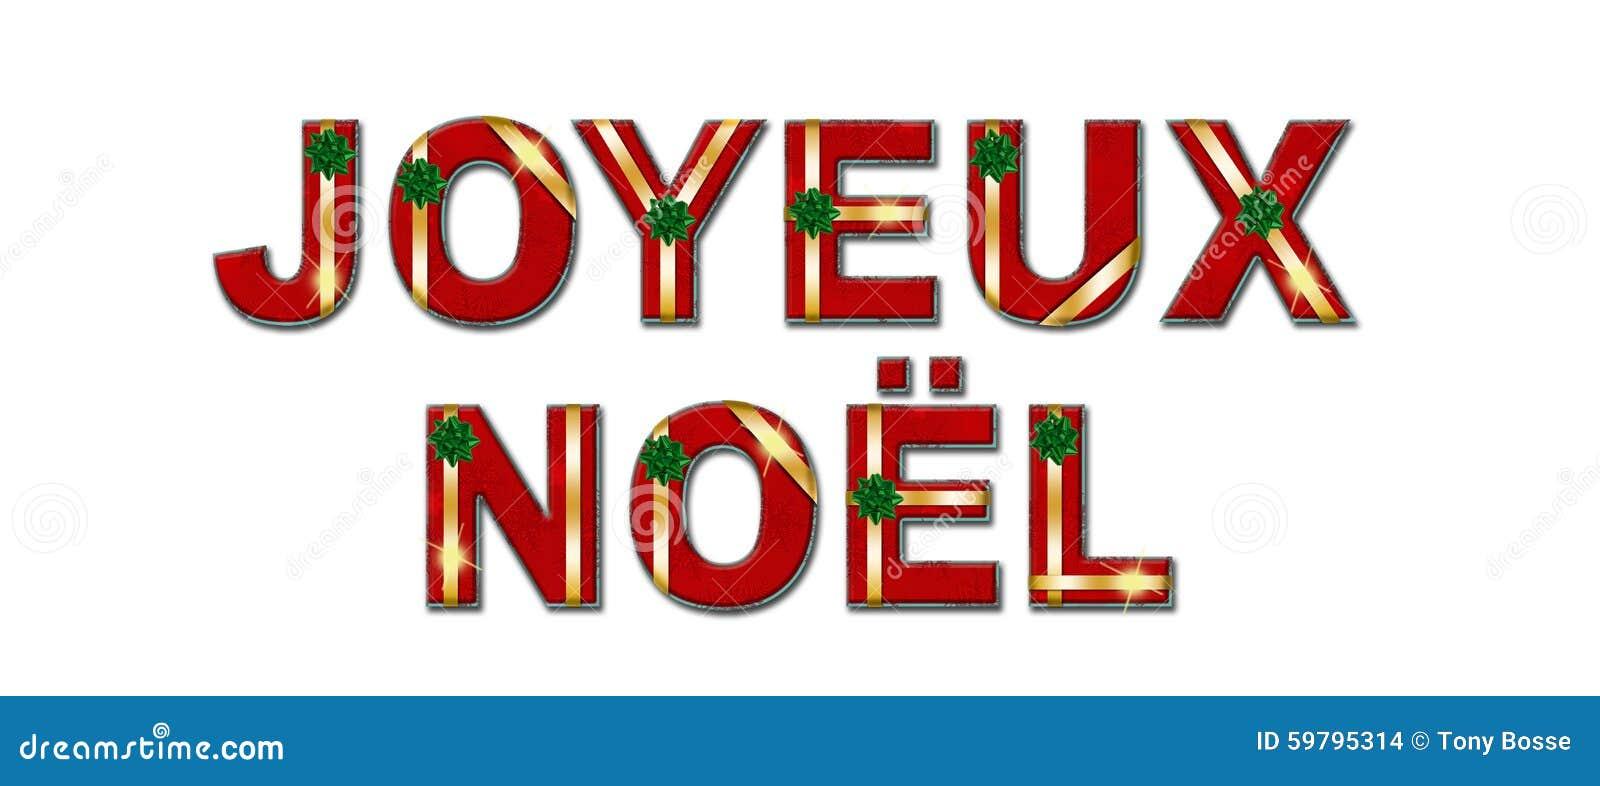 Joyeux noel holiday gift text background foto de stock imagem 59795314 - Guirlande joyeux noel ...